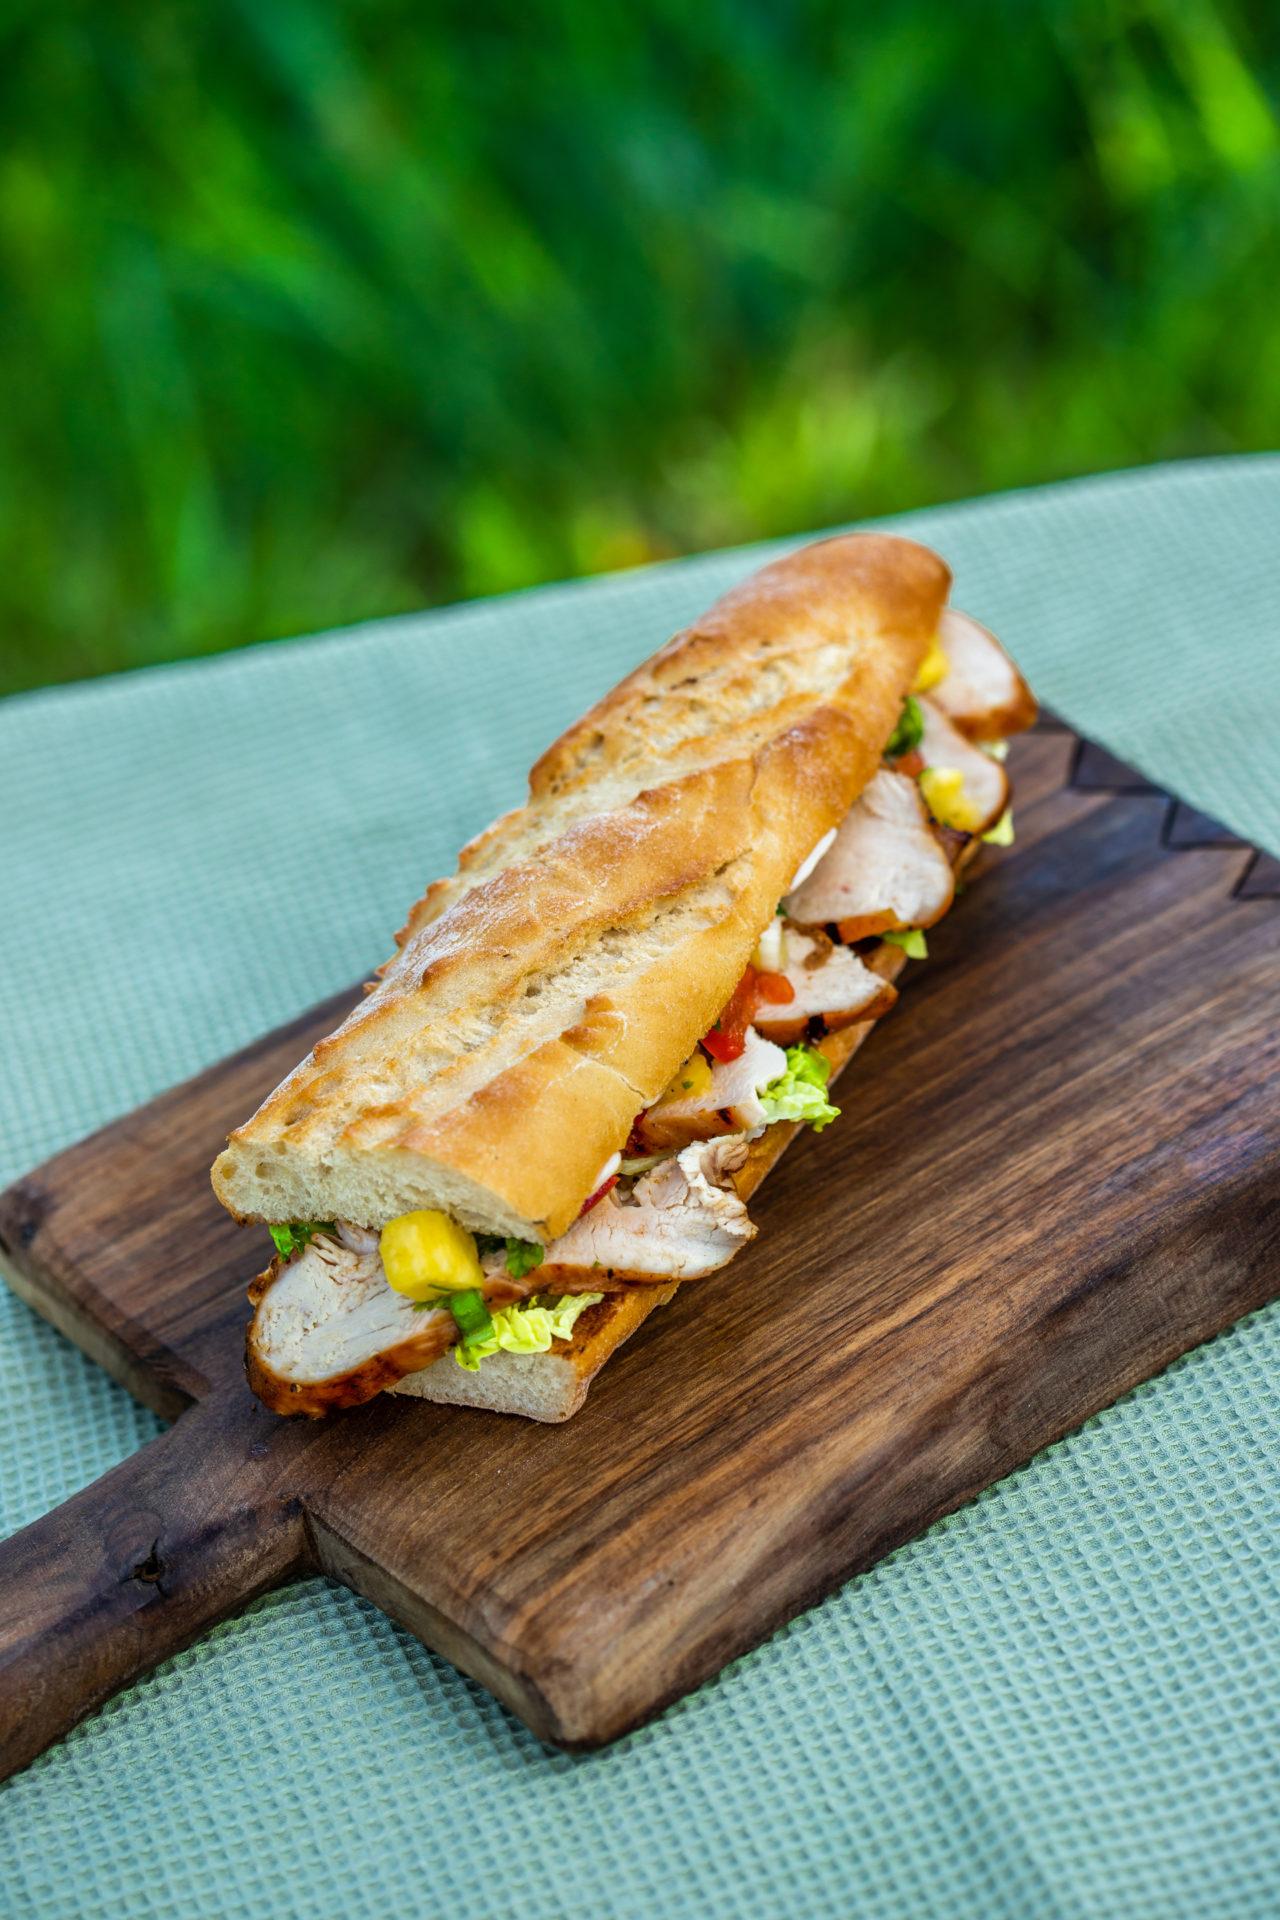 jerk-csirke-szendvics